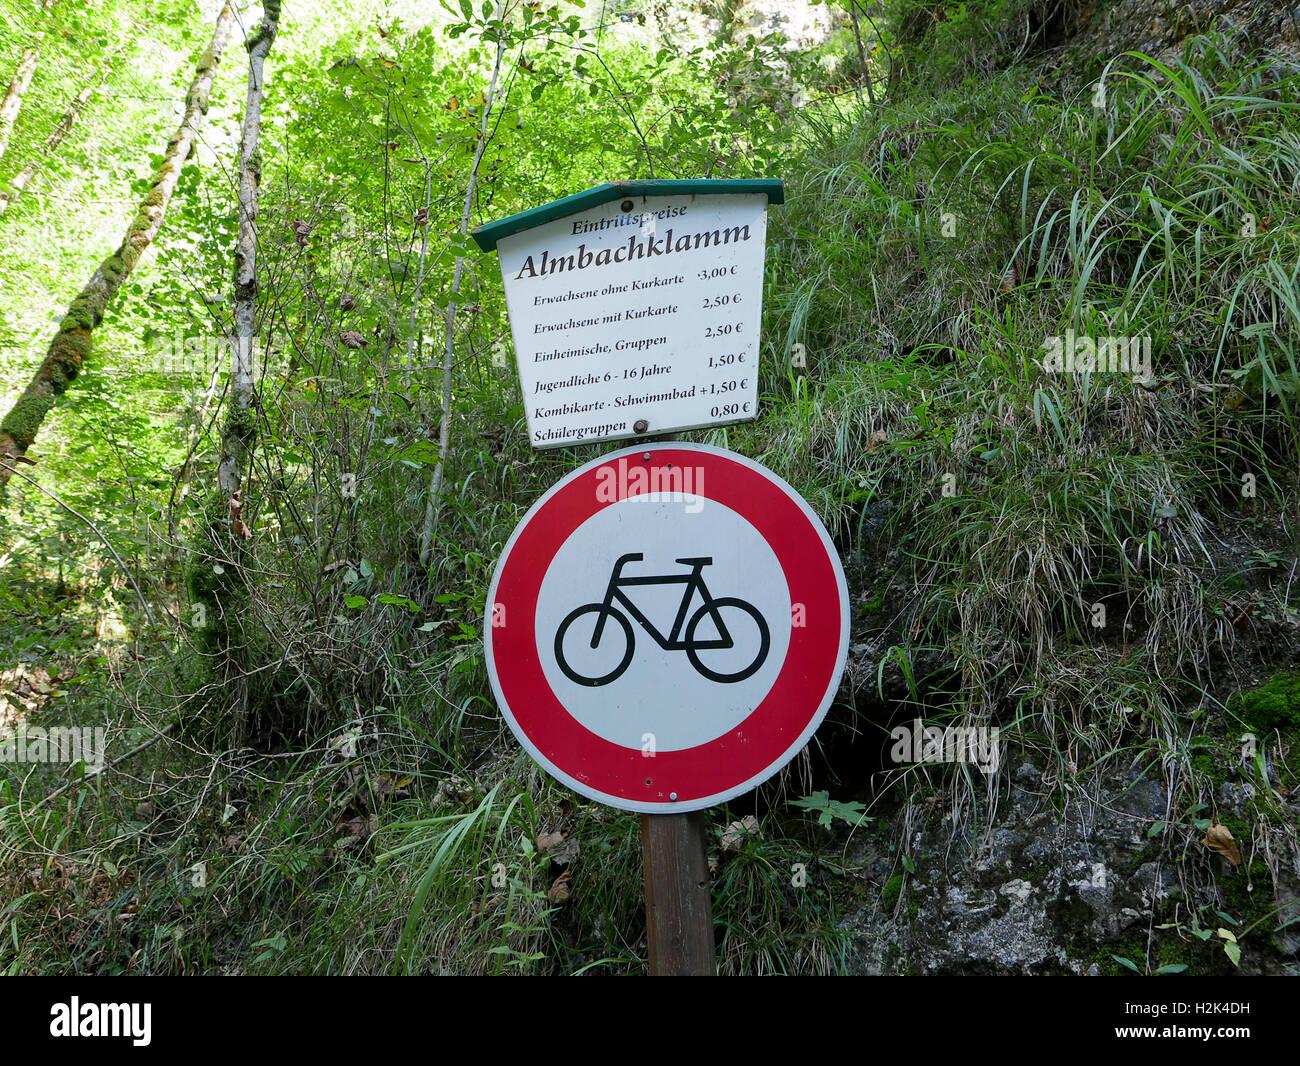 Le parc national de Berchtesgaden Bischofswiesen Almbach Canyon Gorges Sigmund-thun klamm signer Bavière Allemagne Europe. Tableau des frais d'entrée, pas de bicy Banque D'Images